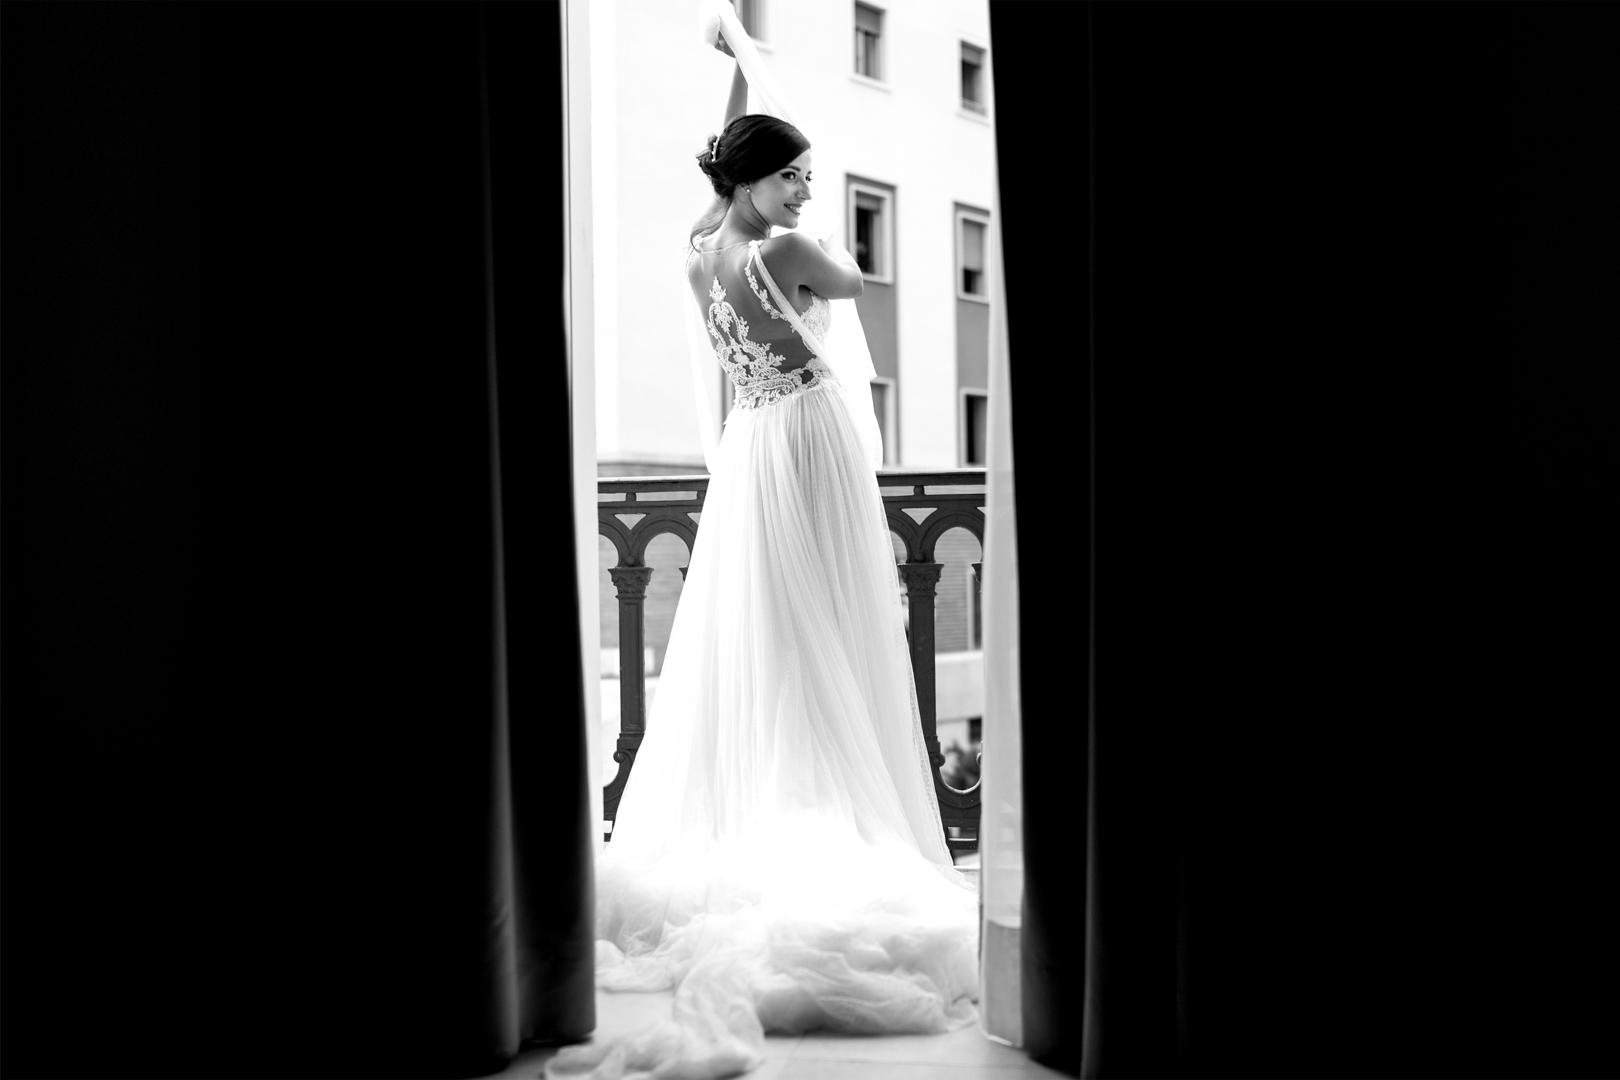 22 gianni-lepore-sposa-dietro-vestito-bride